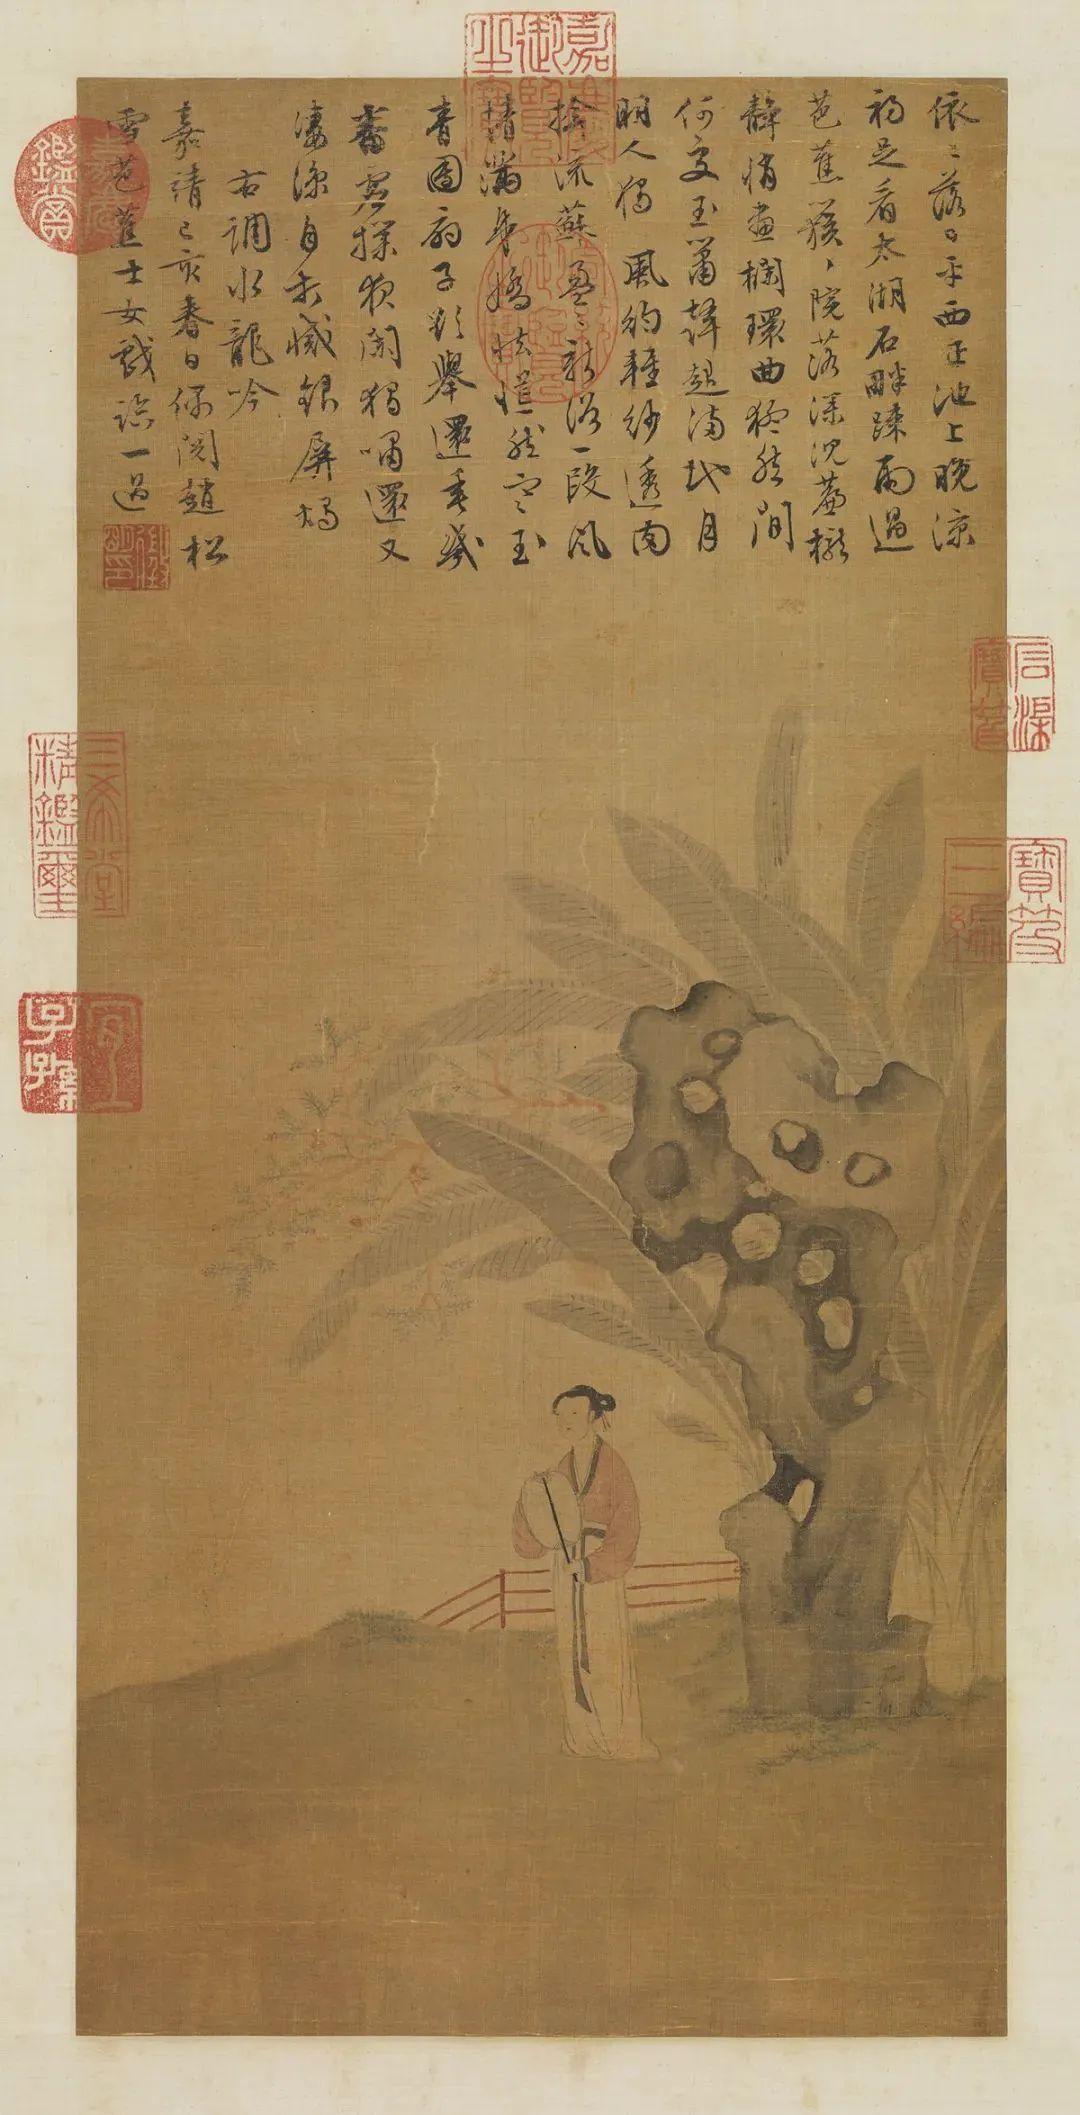 明 文徵明 蕉阴仕女图轴 台北故宫博物院藏